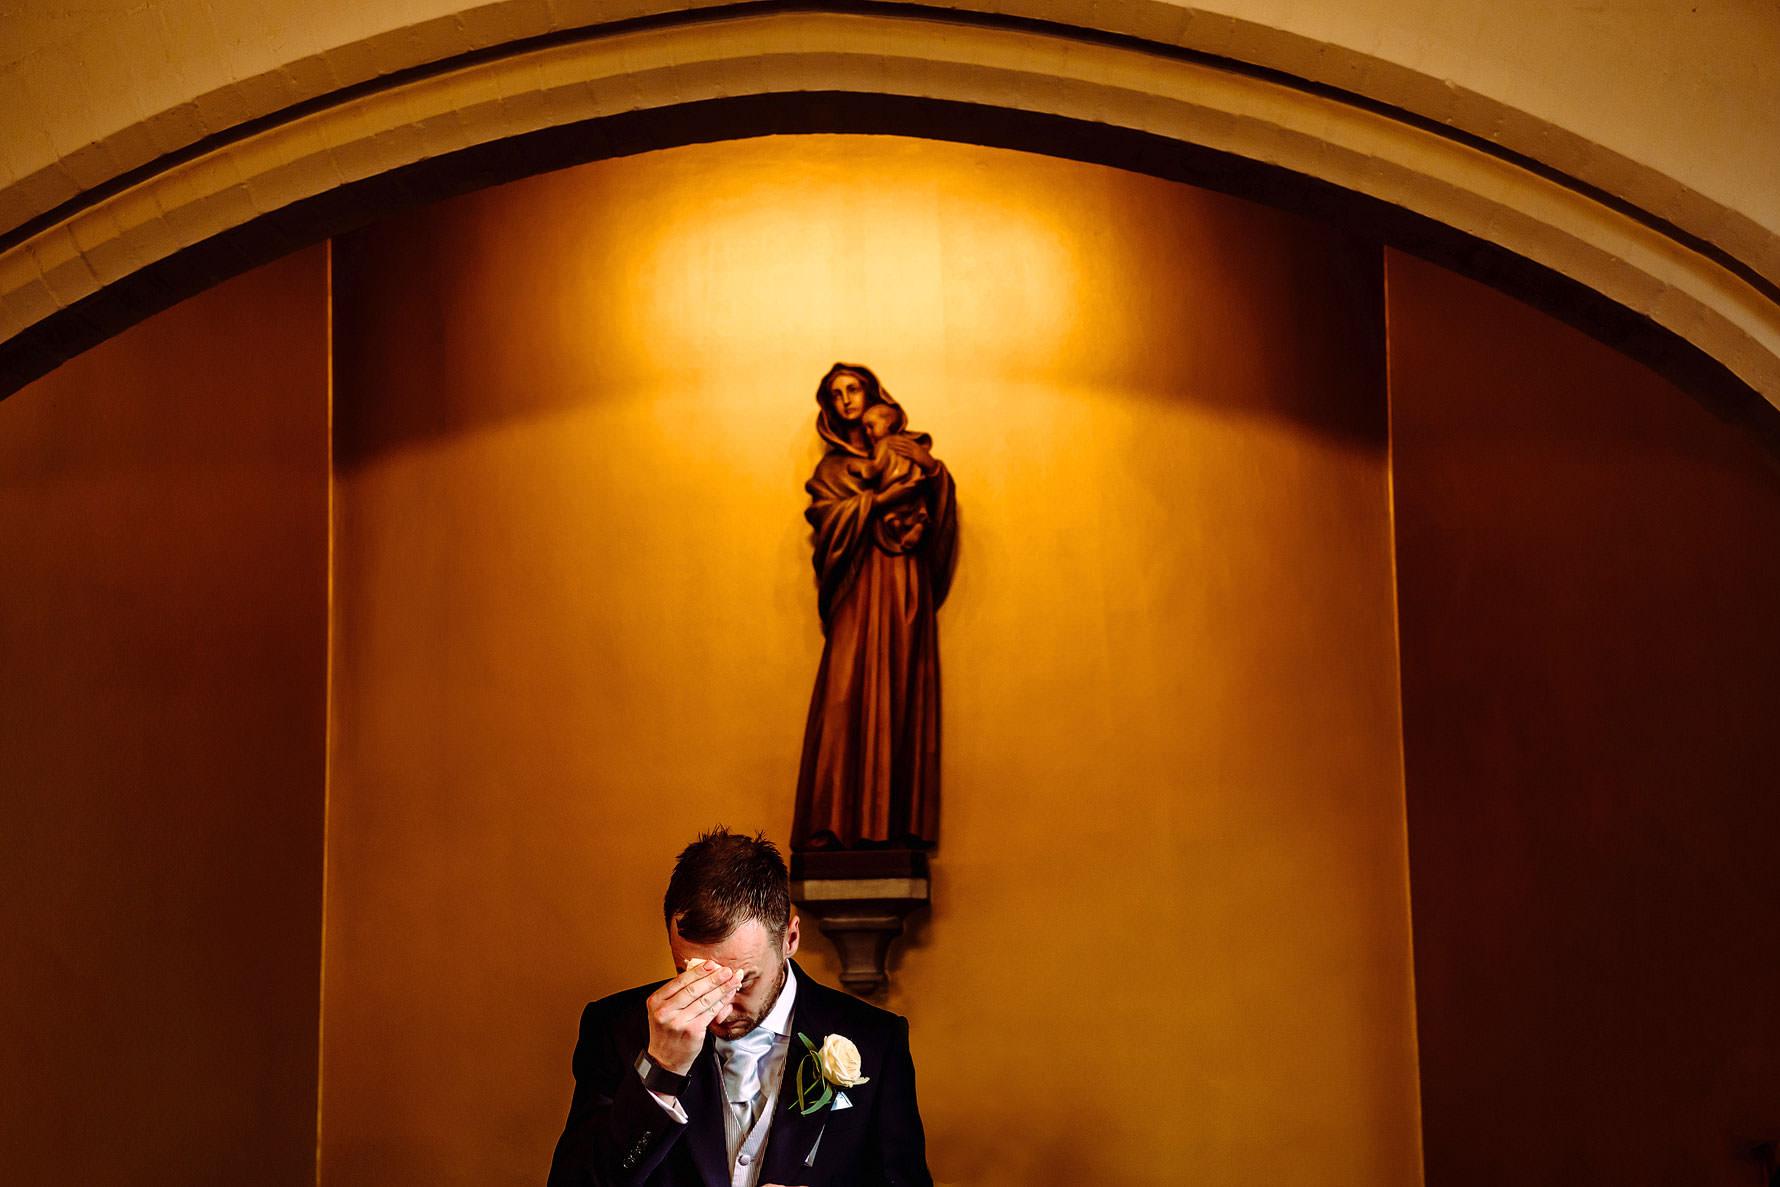 a groom under the Virgin Mary